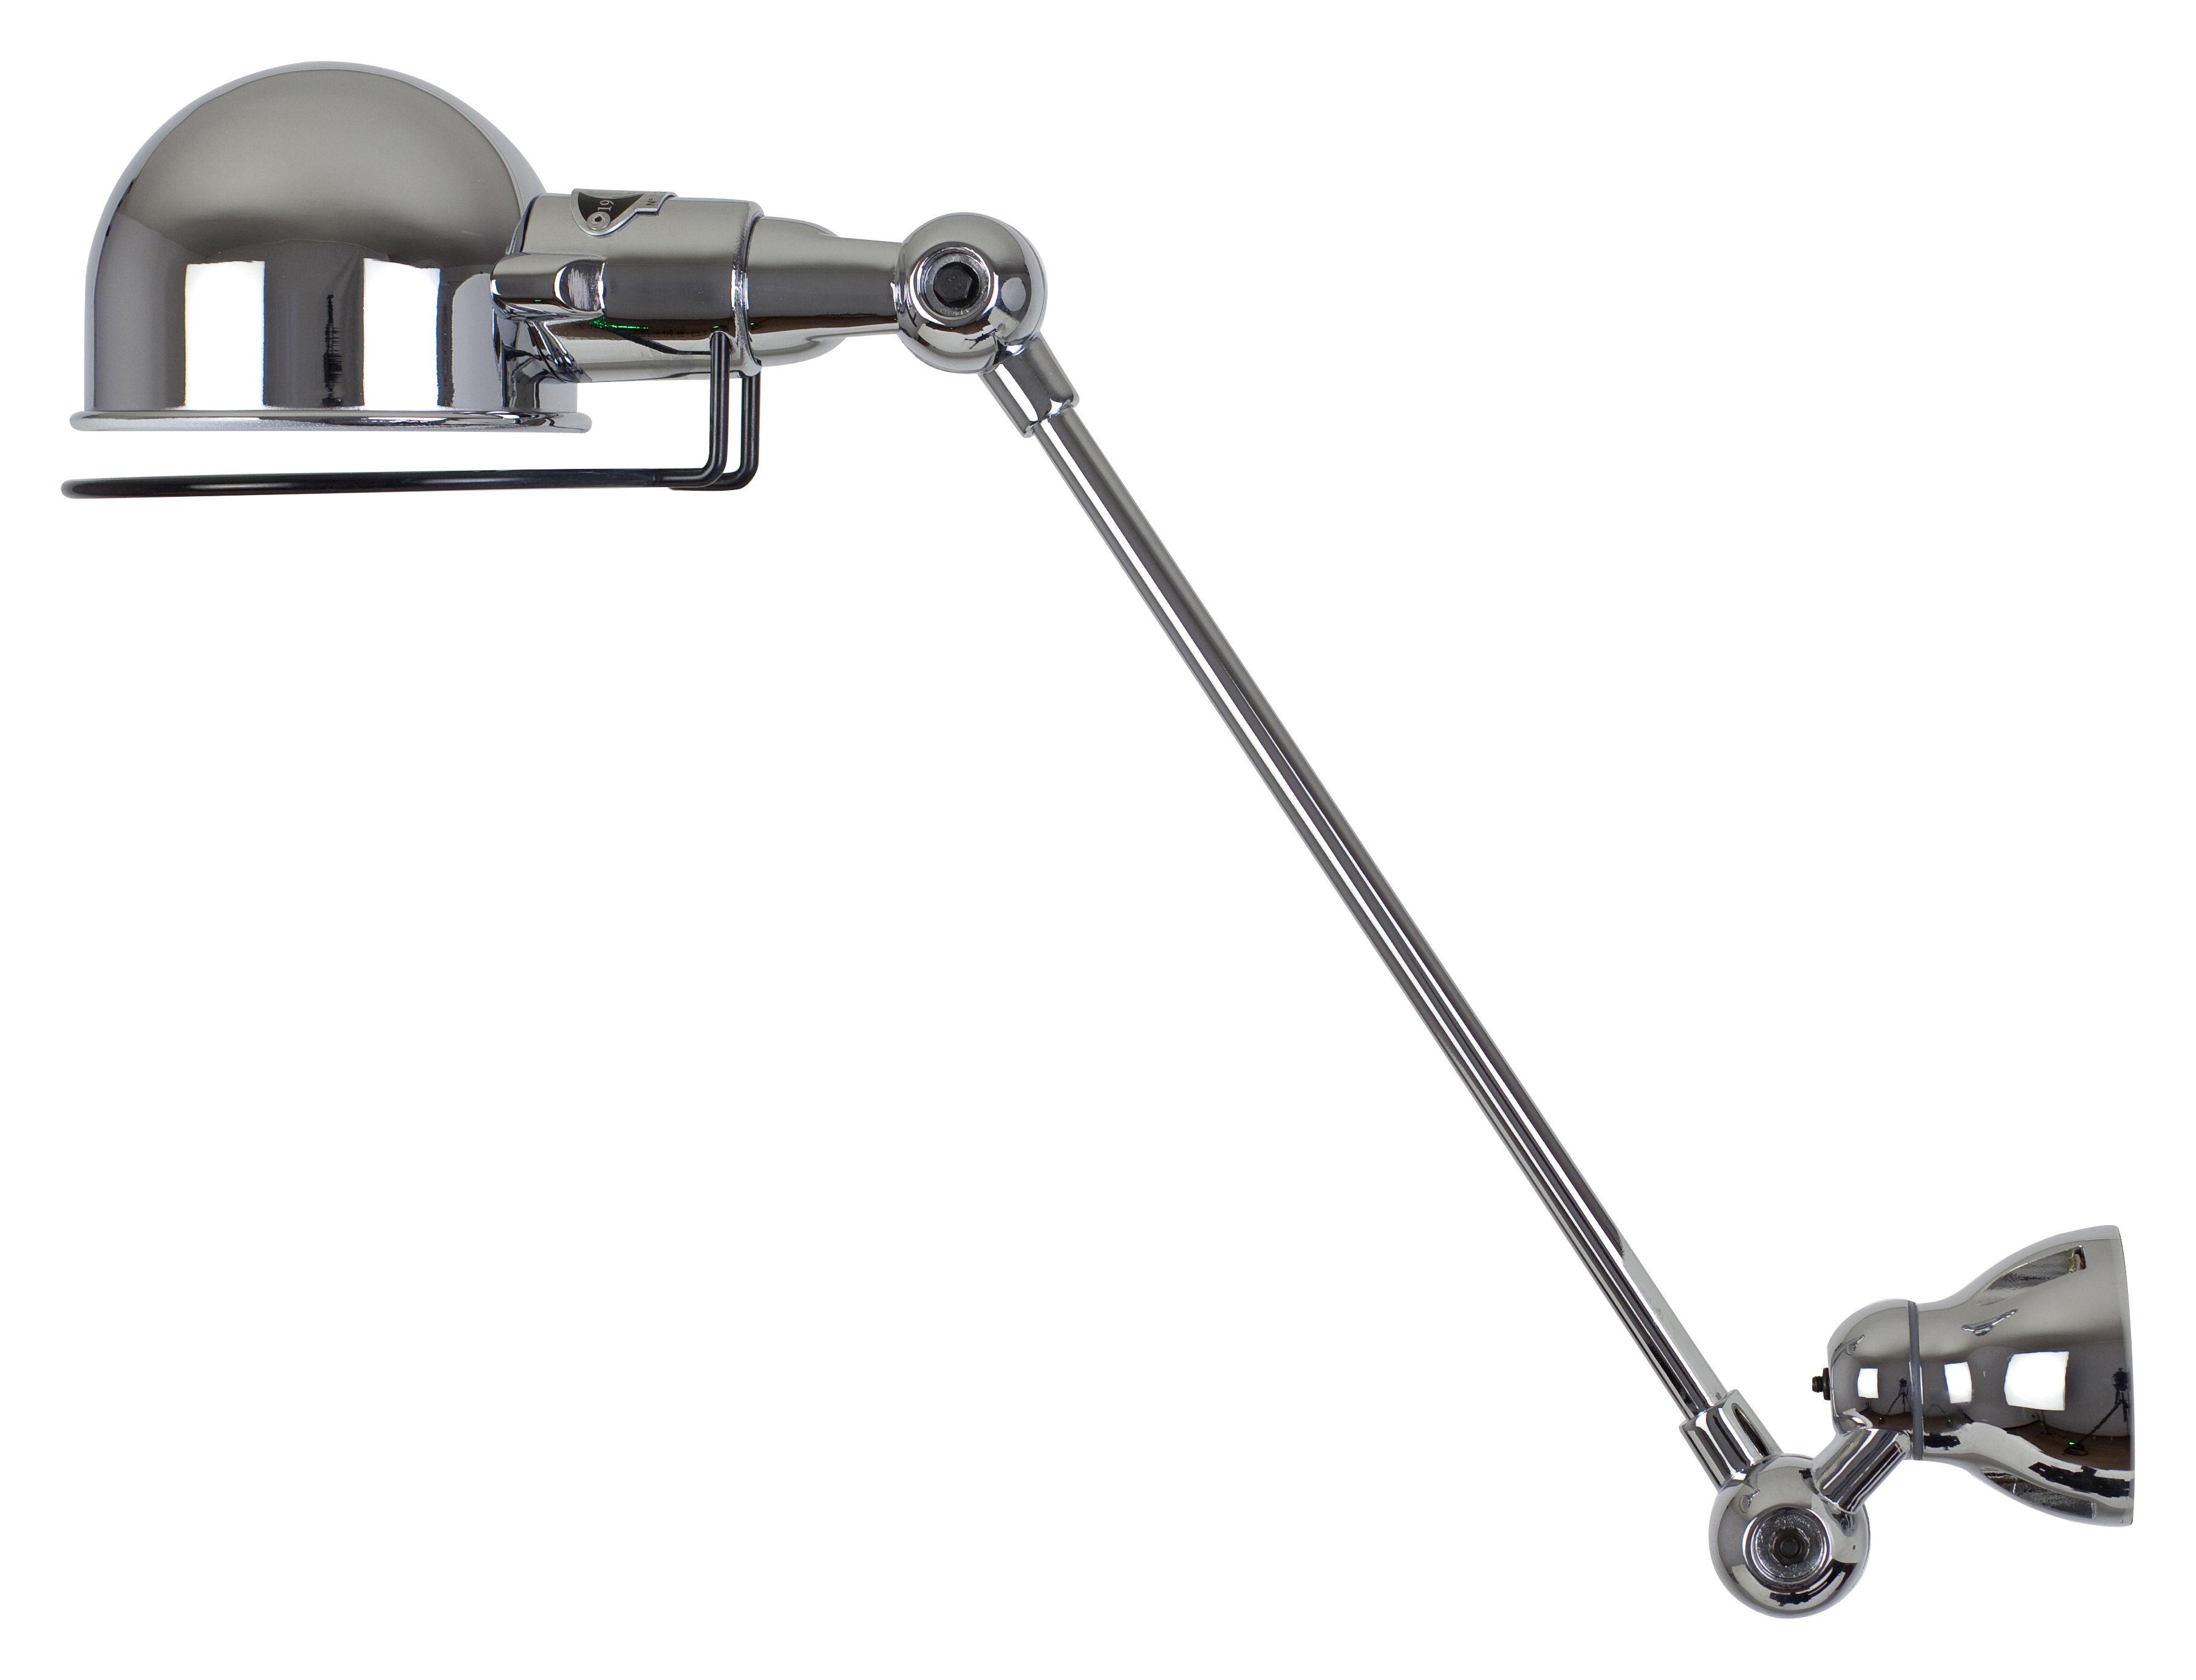 Illuminazione - Lampade da parete - Applique Signal - 1 braccio articolato - L 30 cm di Jieldé - Cromato brillante - Acciaio inox cromato